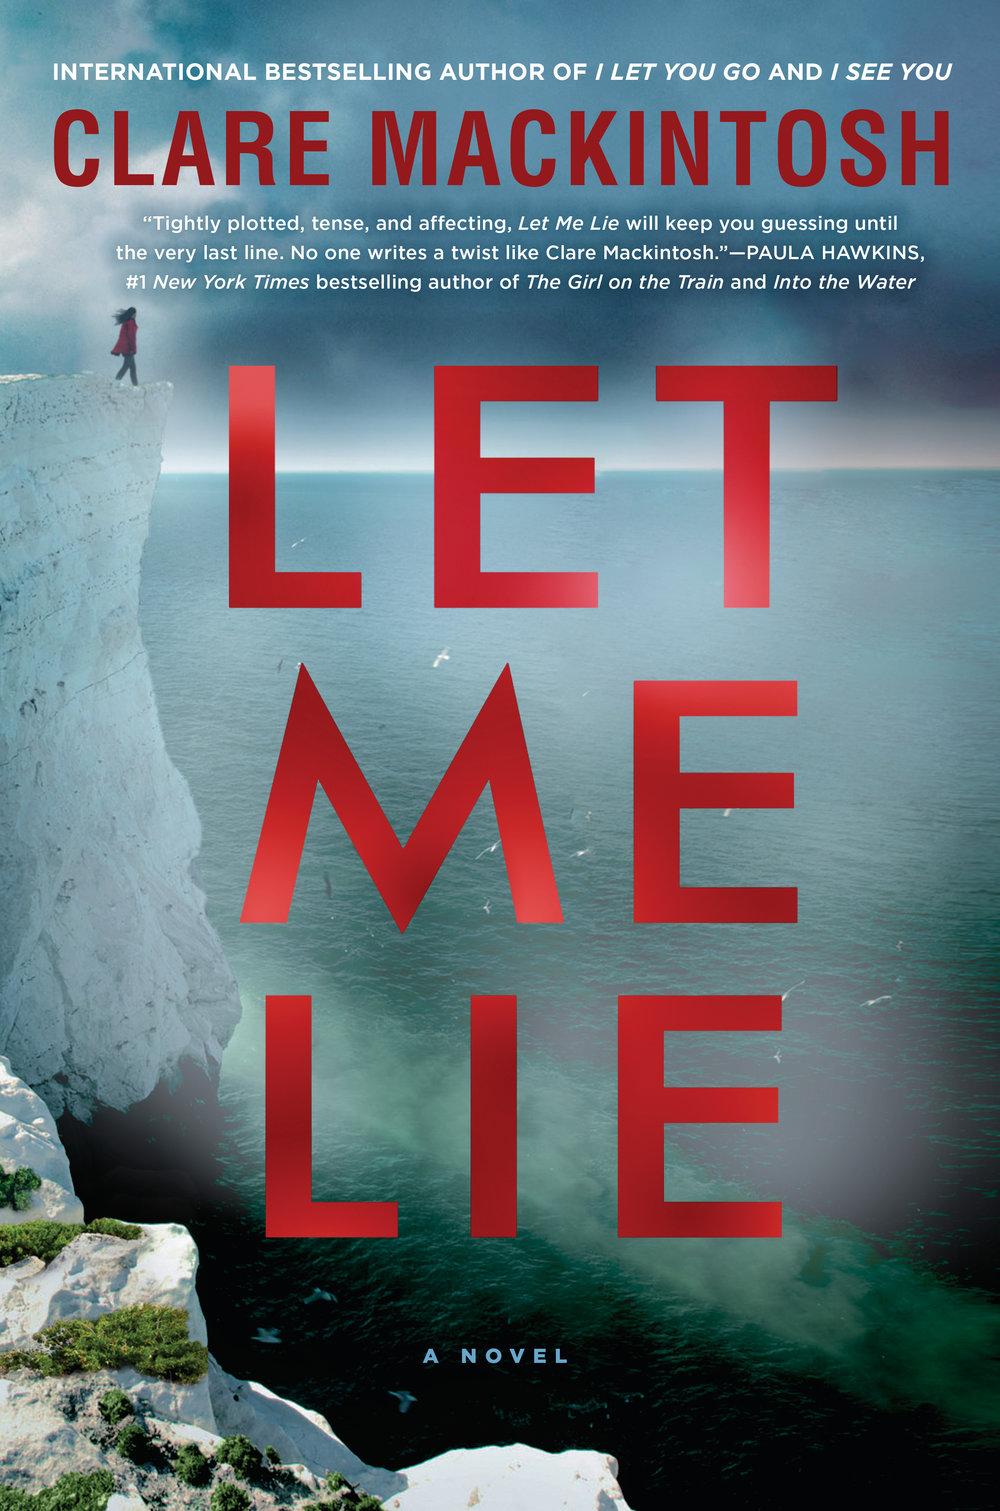 LetMeLie-Cover.jpg